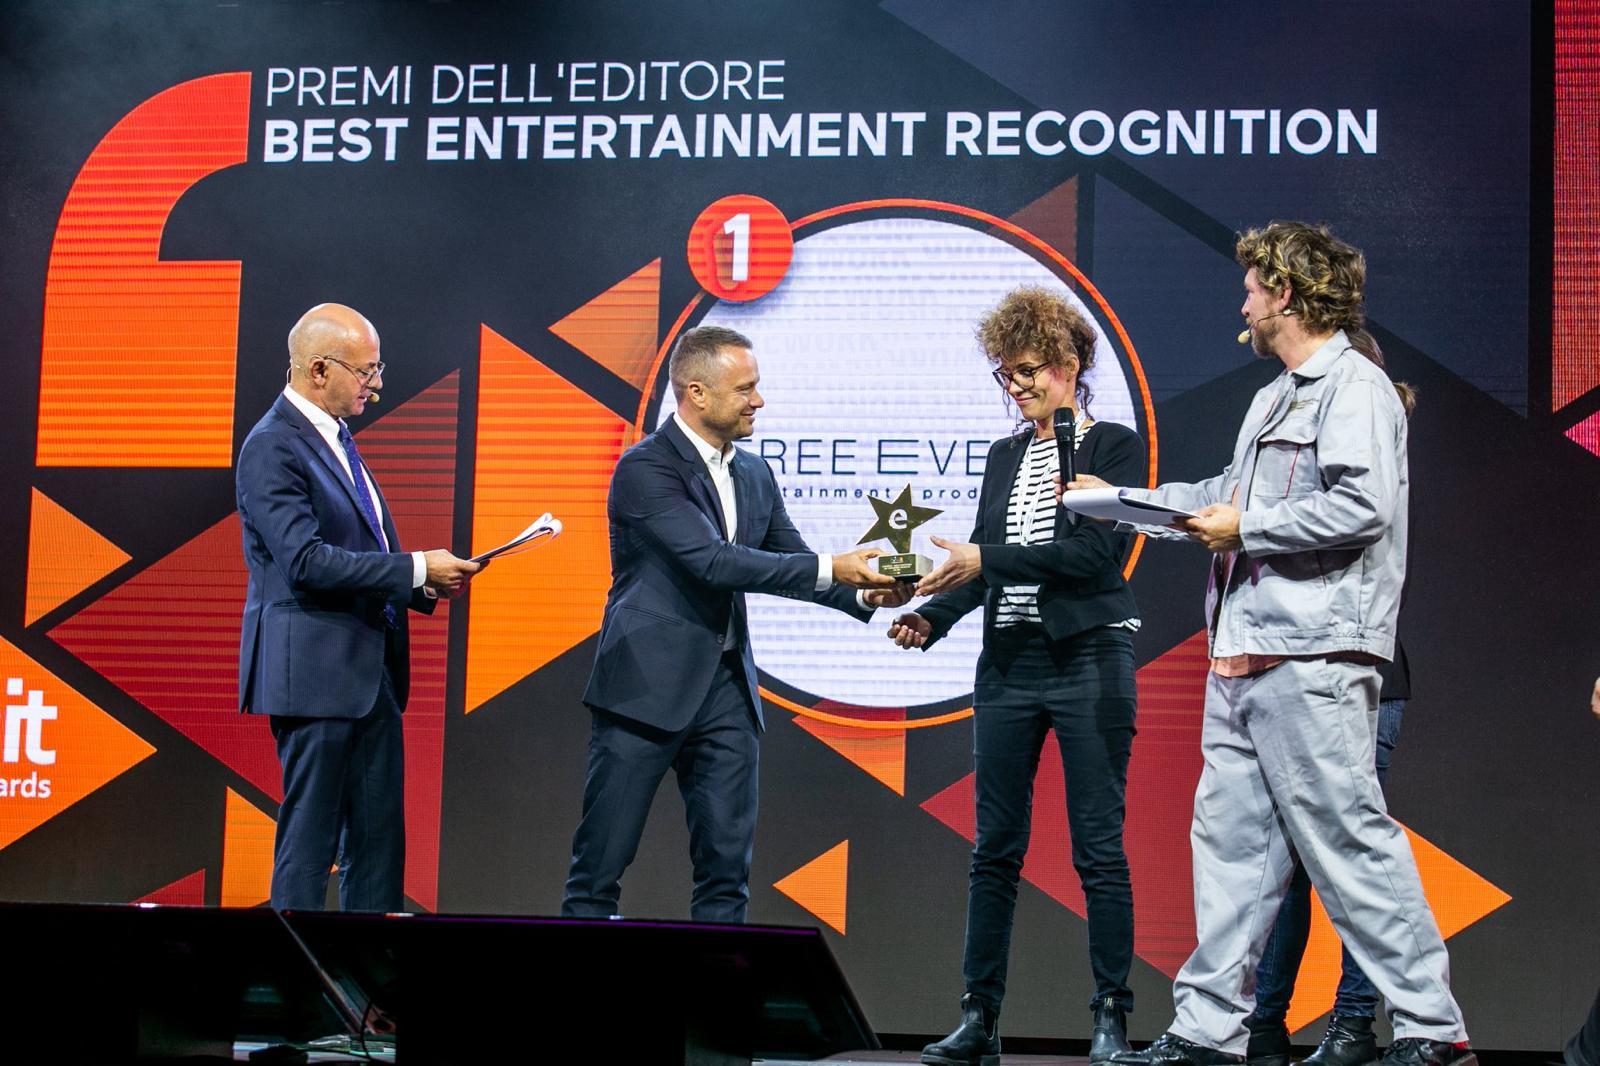 BEA 2018-Premio editore-Free Event-organizzazione eventi- soundtrack stars award-mostra del cinema di venezia 2